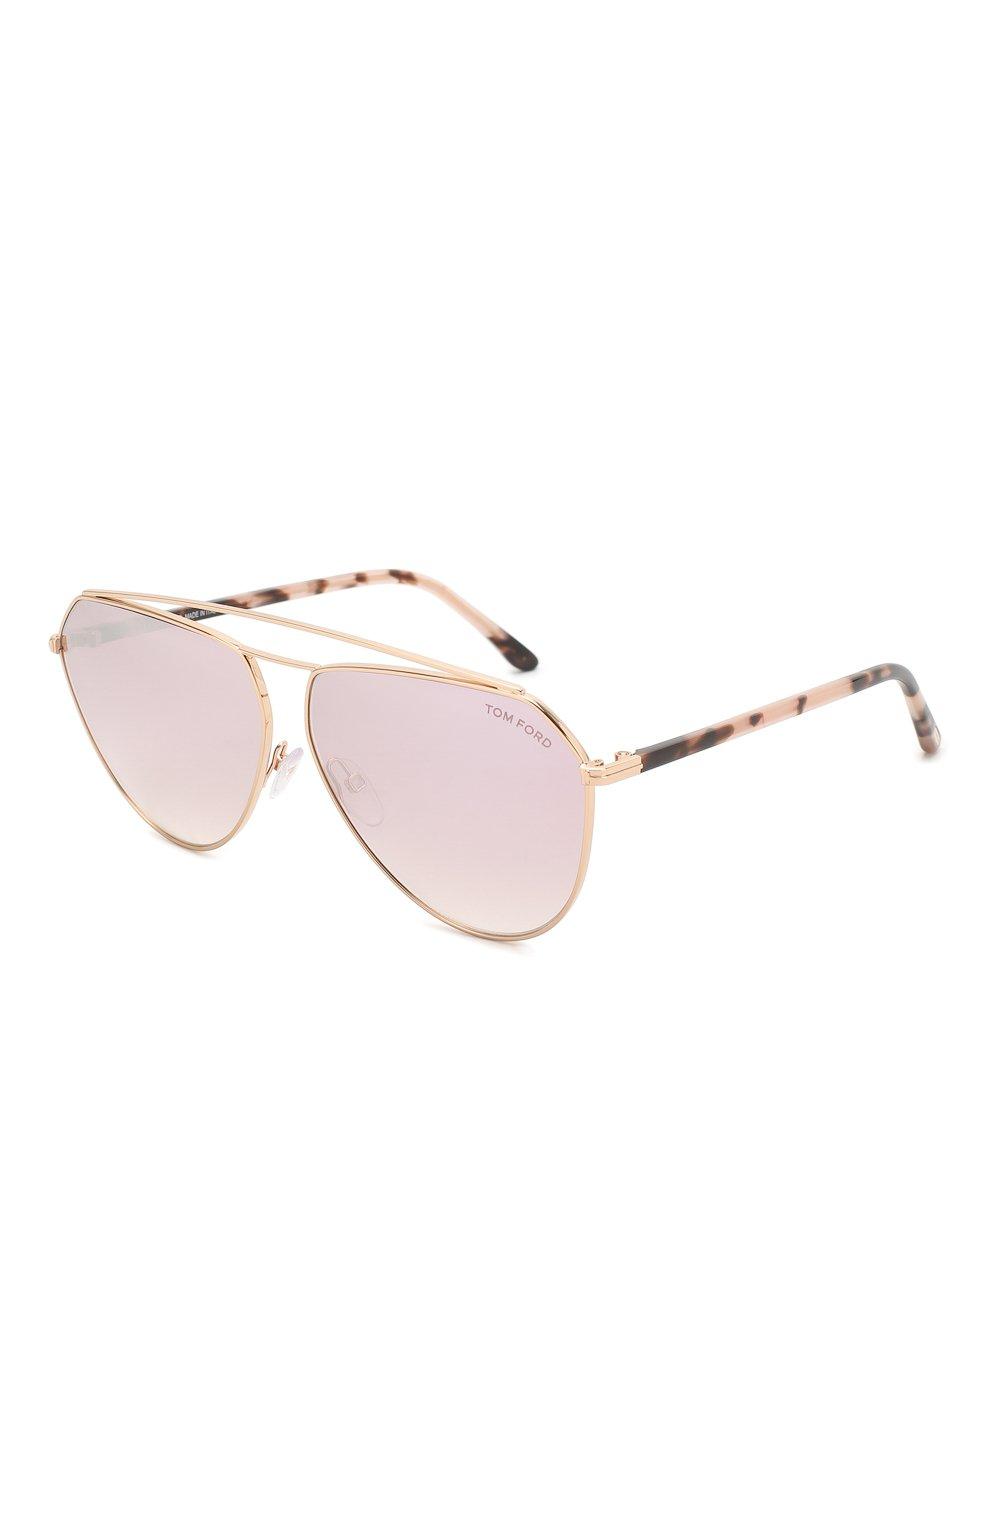 Женские солнцезащитные очки TOM FORD светло-розового цвета, арт. TF681 28Z   Фото 1